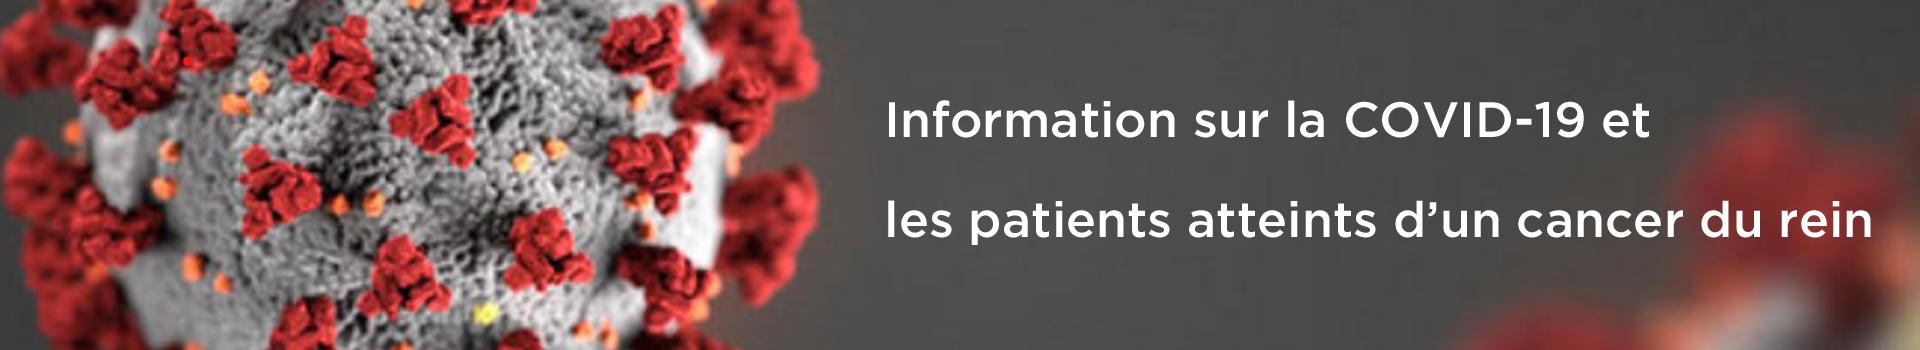 Cancer du rein Canada: Information sur la COVID-10 pour les patients atteints d'un cancer du rein